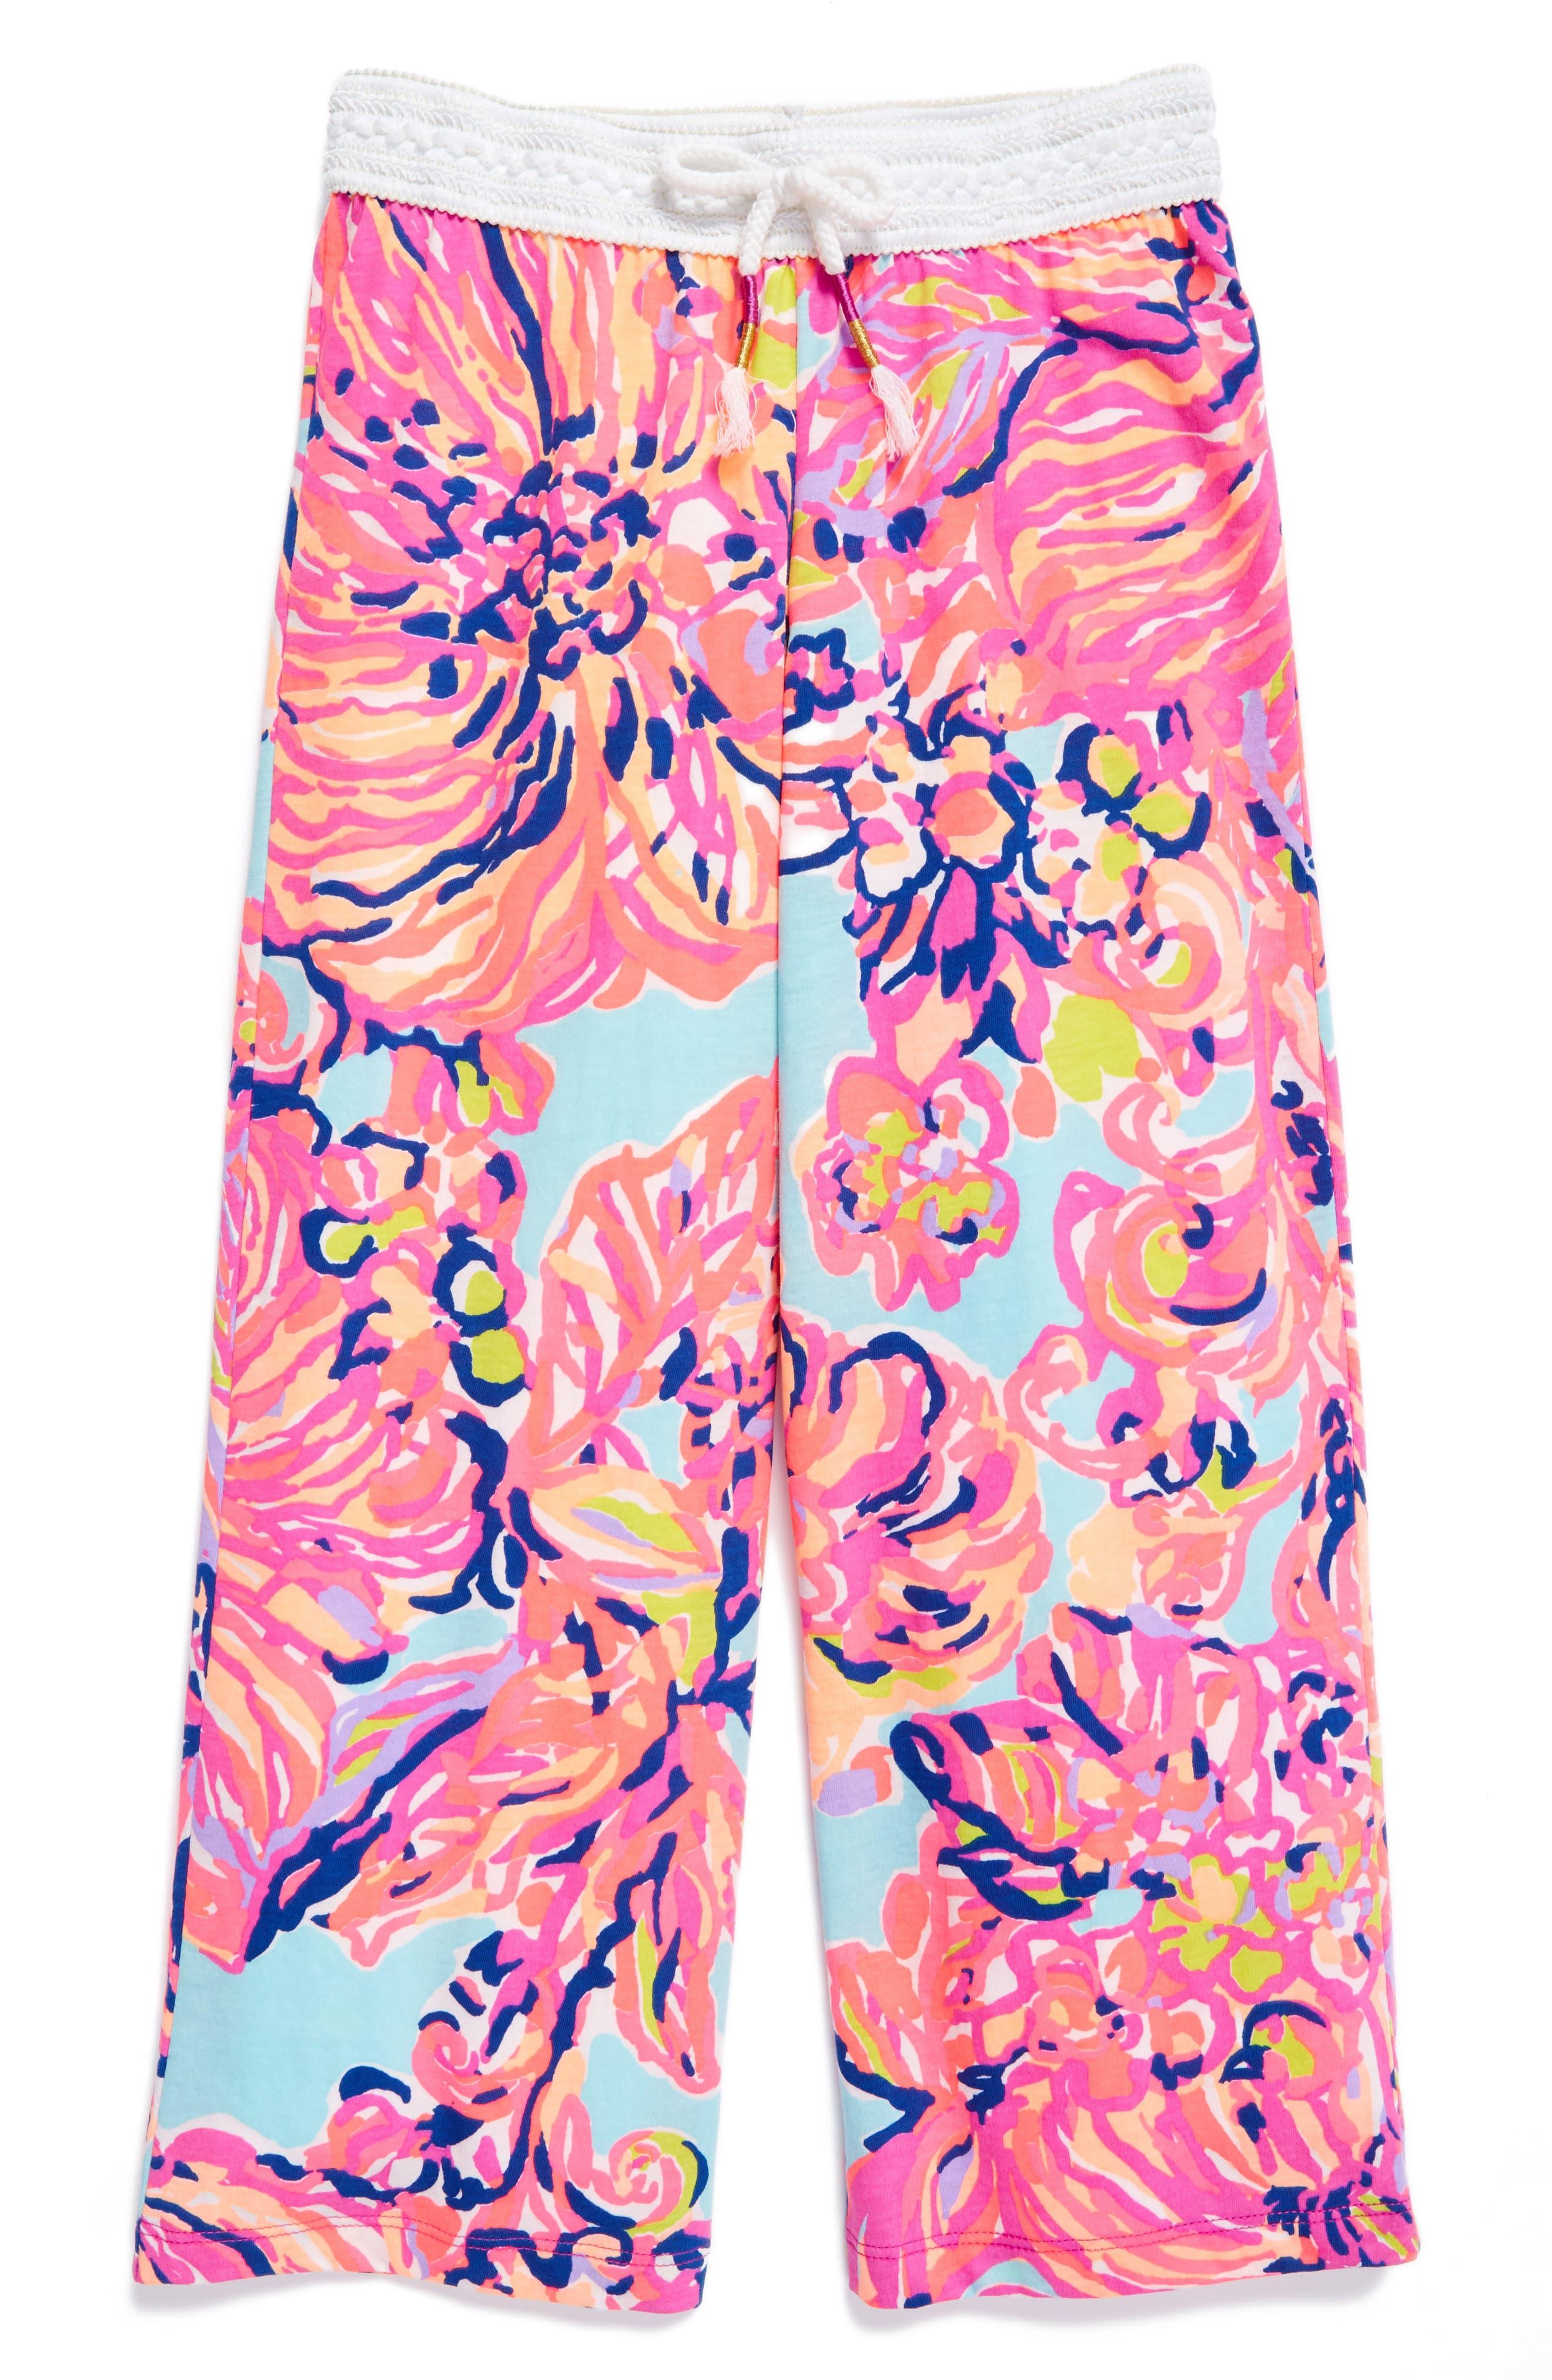 Lilly Pulitzer® Beach Pants (Toddler Girls, Little Girls & Big Girls)